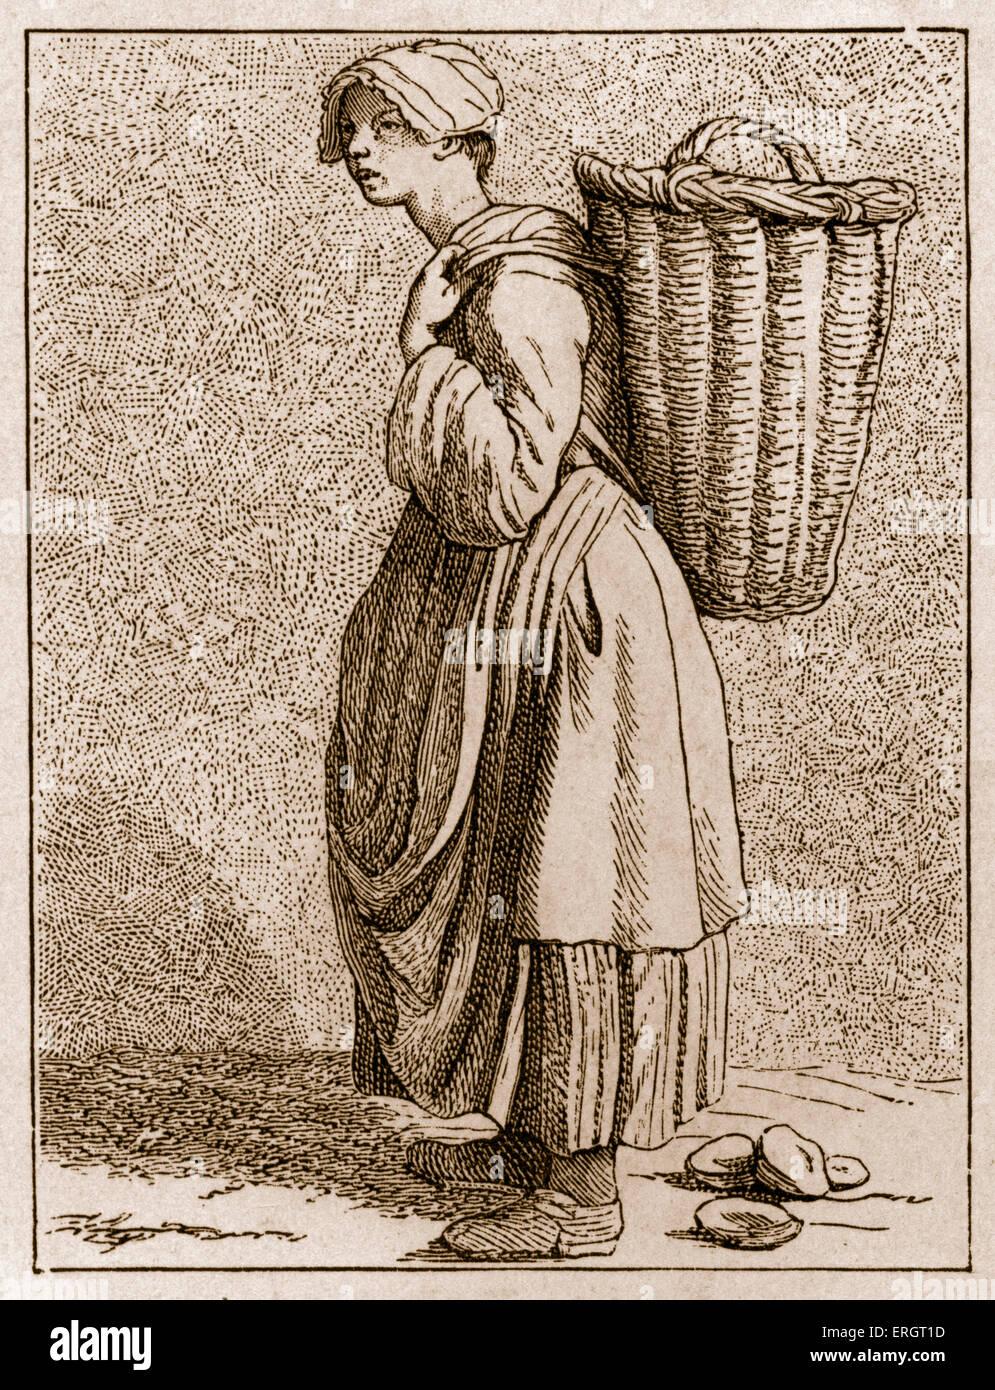 La vita quotidiana nella storia francese  un oyster-venditore nel XVIII  secolo a Parigi 42041c9c3fc6